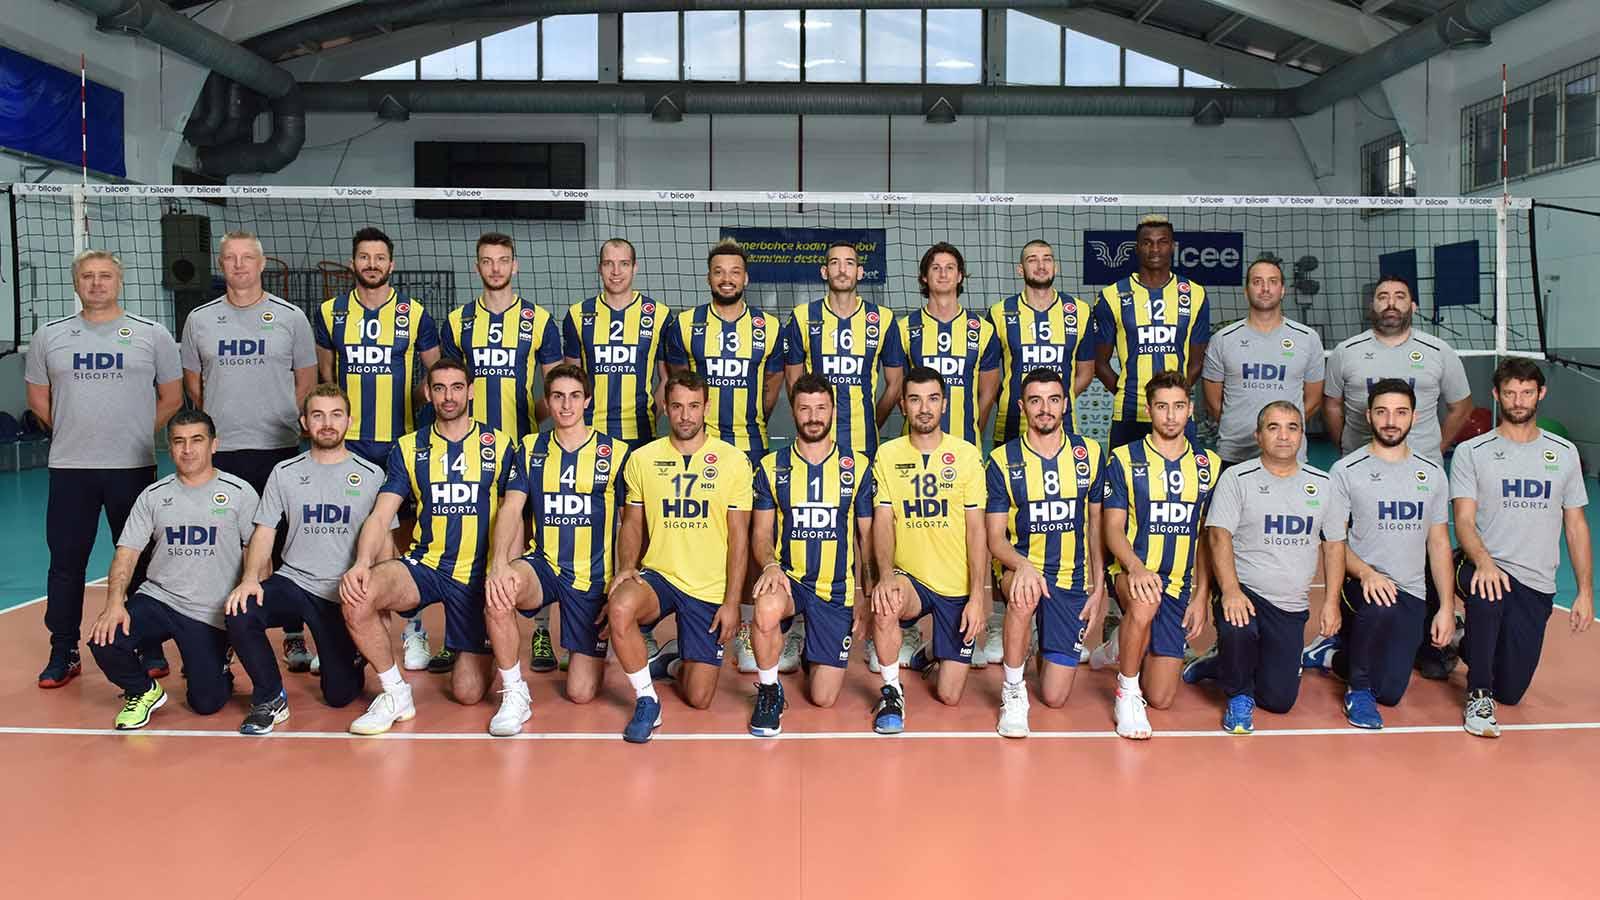 Fenerbahçe HDI Sigorta, Trentino Itas'ı konuk ediyor